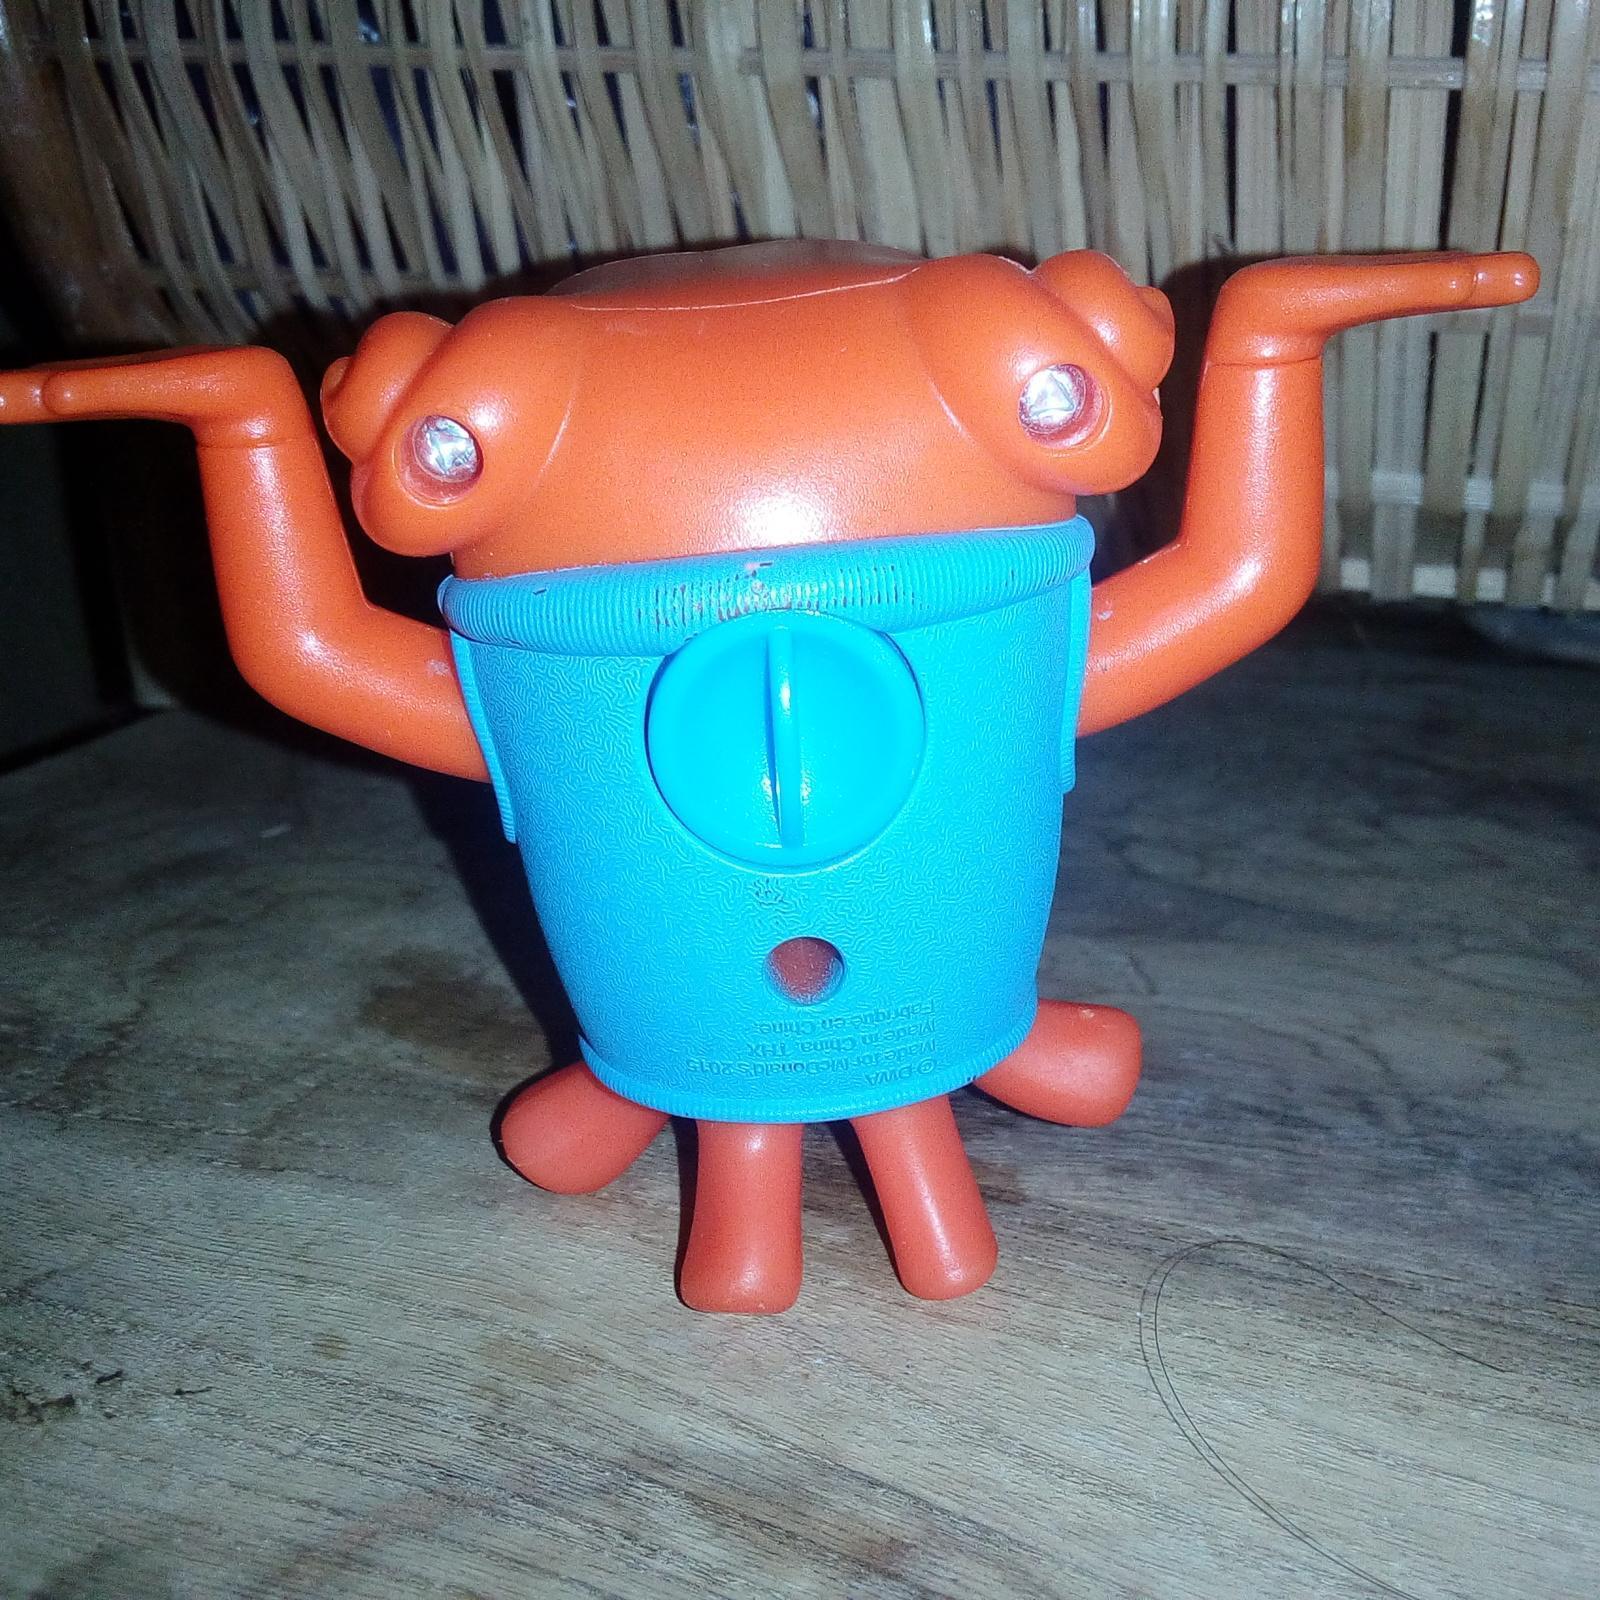 troc de troc figurine image 1